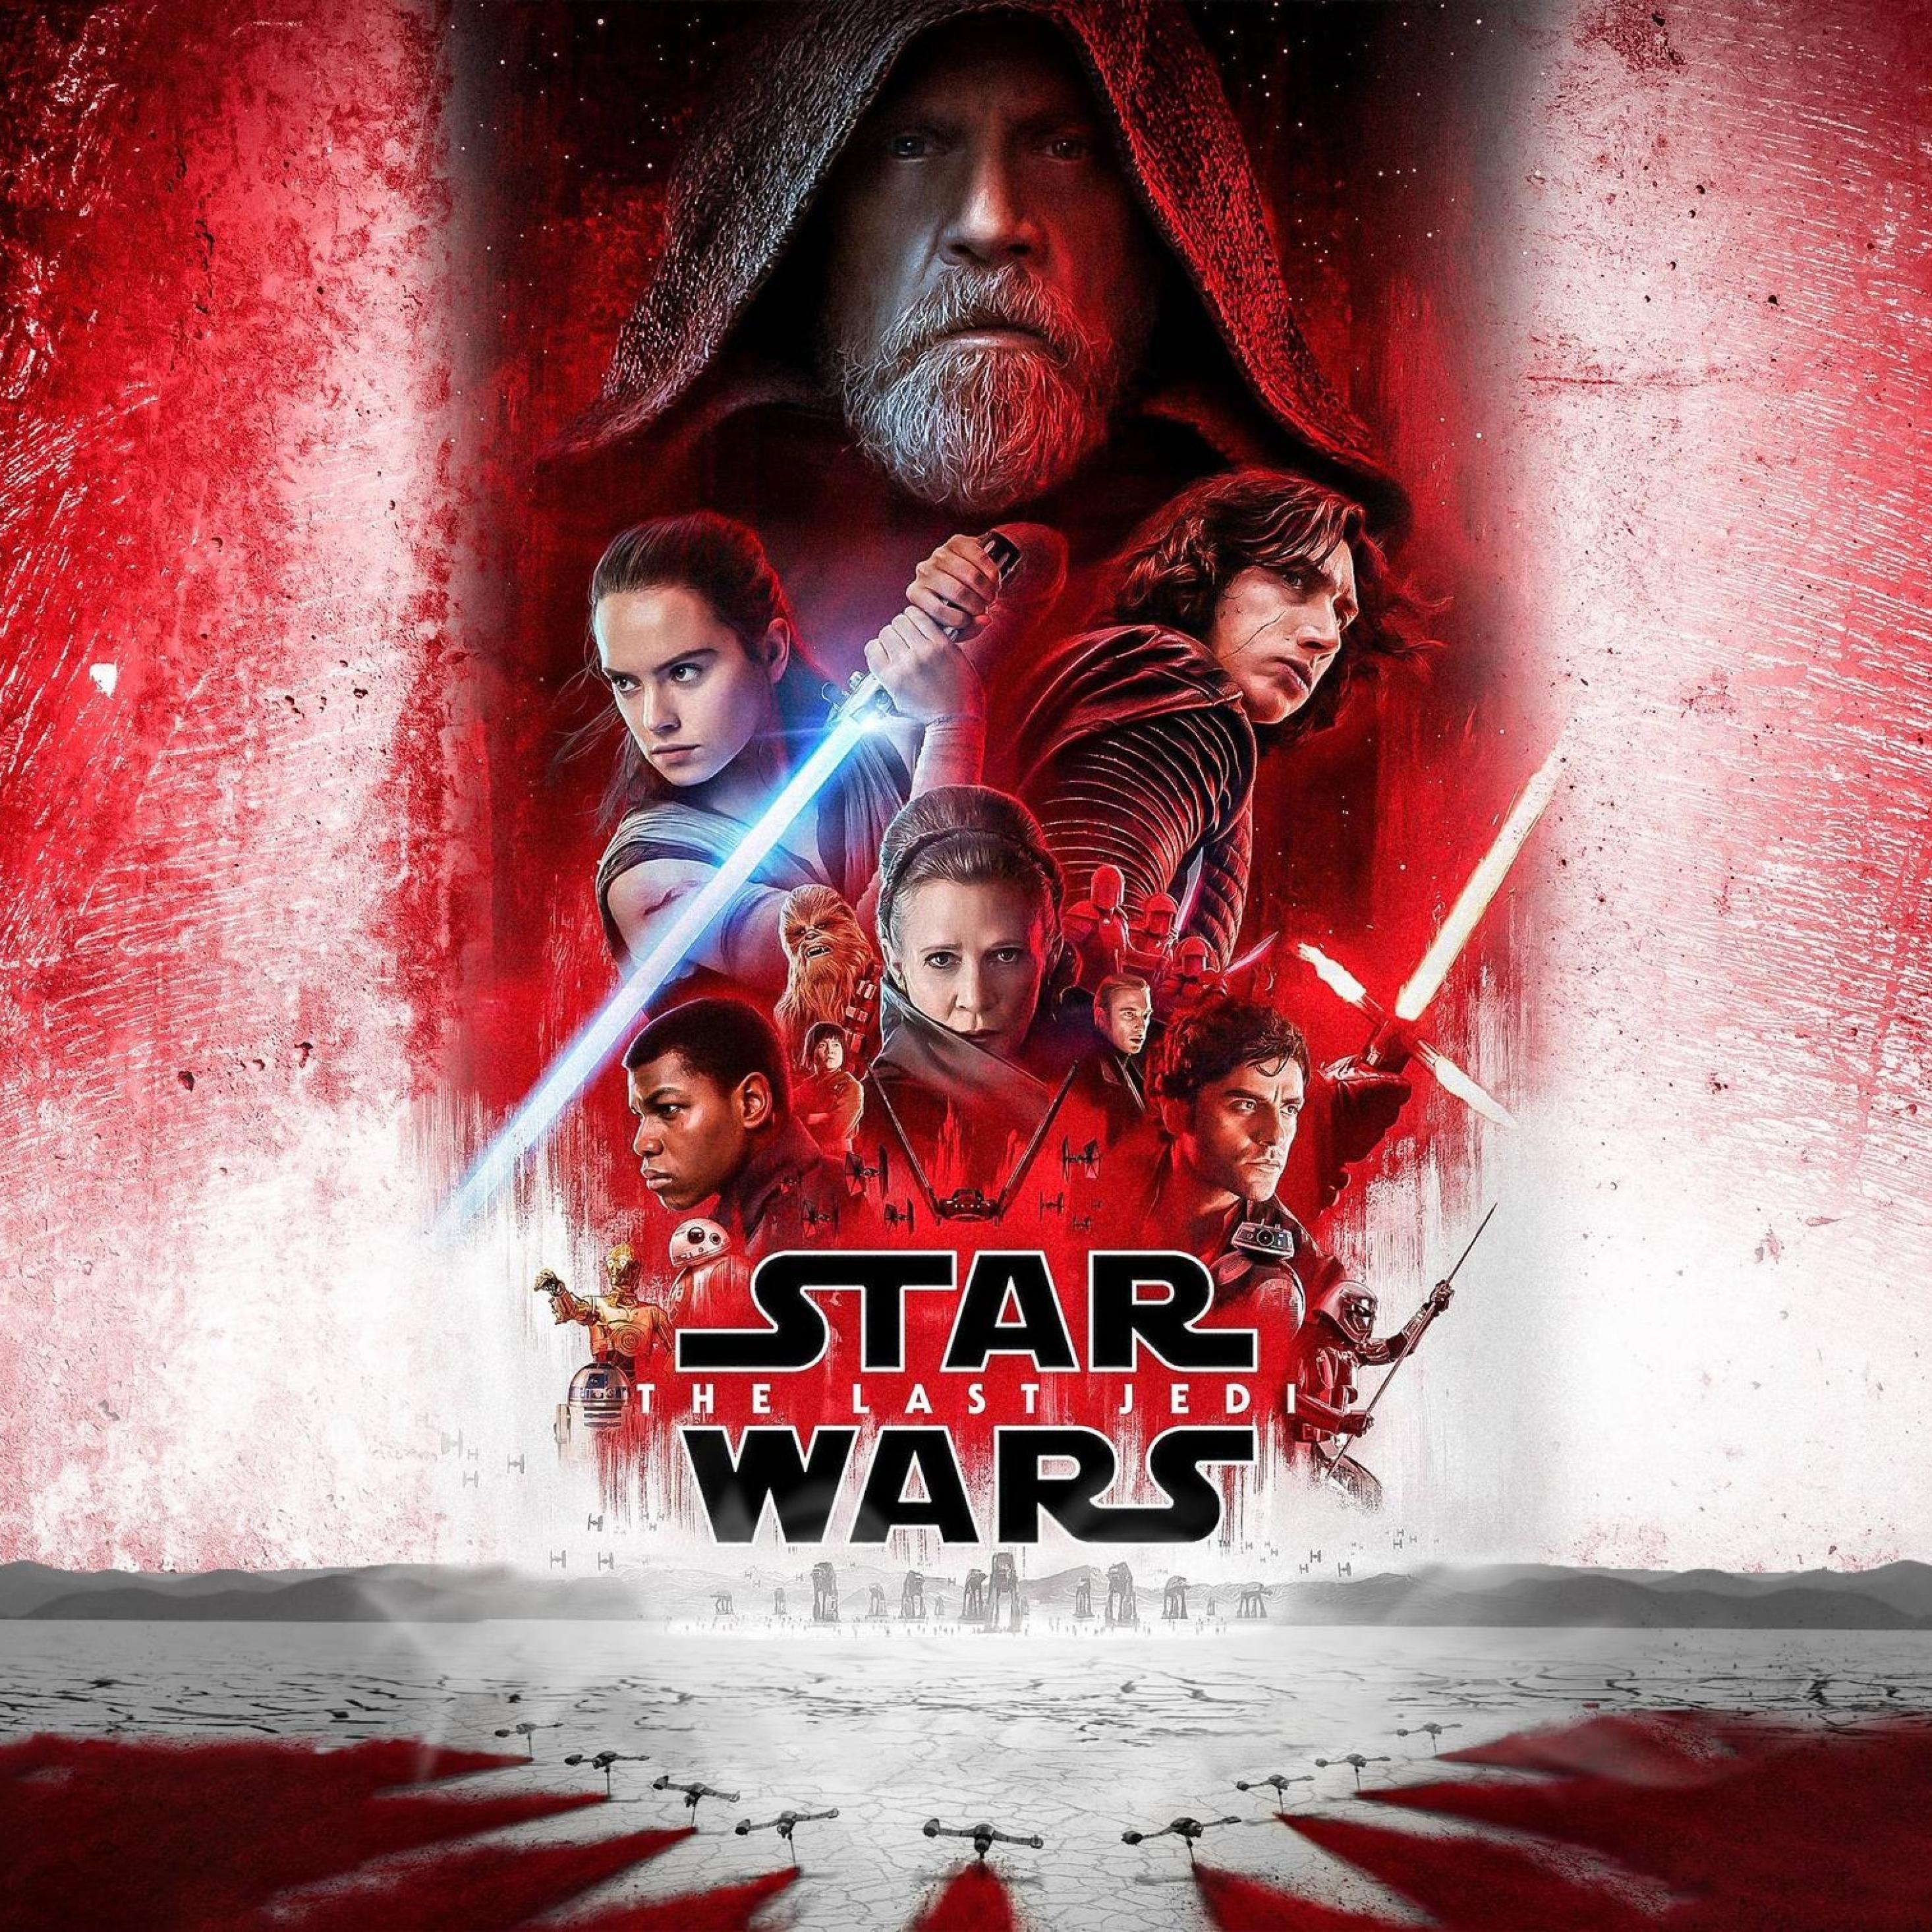 Download star wars 8 the last jedi 2017 2248x2248 - Star wars the last jedi wallpaper ...